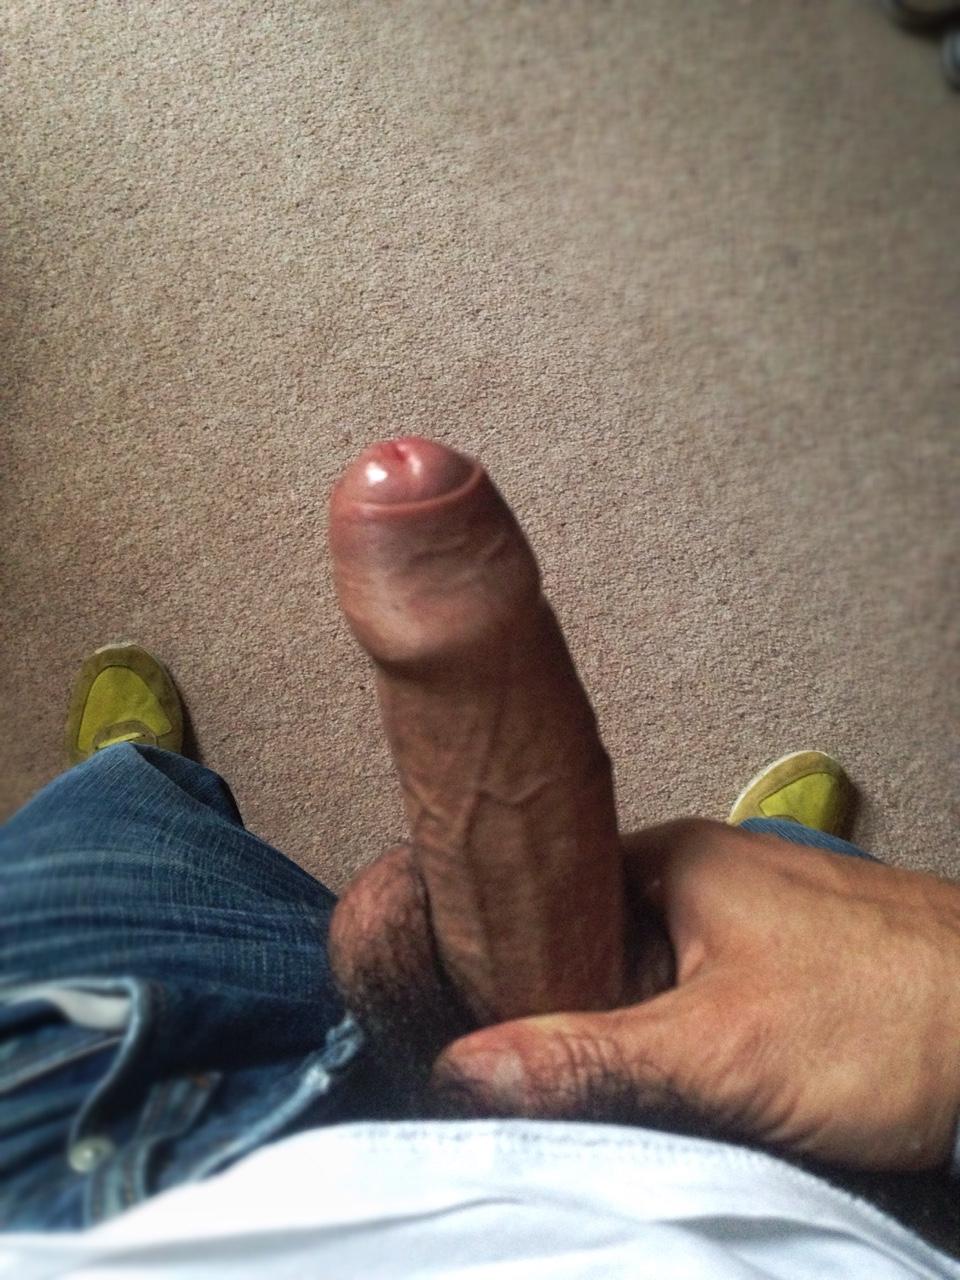 Amature Dick photos